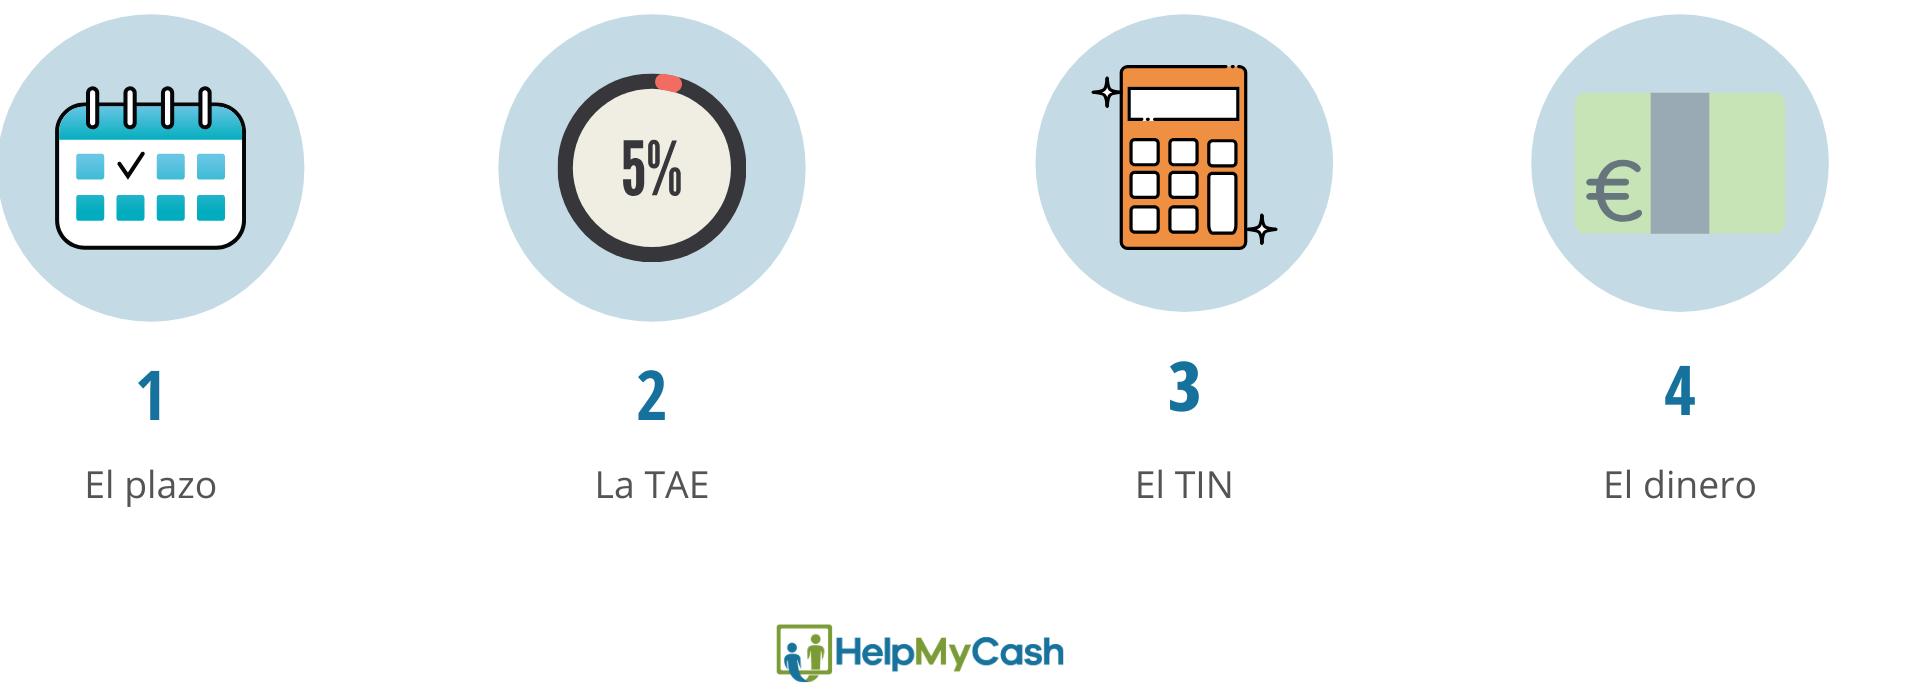 calcular beneficios mejor cuenta de ahorro: plazo cuenta ahorro, TAE cuenta de ahorro. TIN cuenta de ahorro.Importe mínimo de una cuenta de ahorro